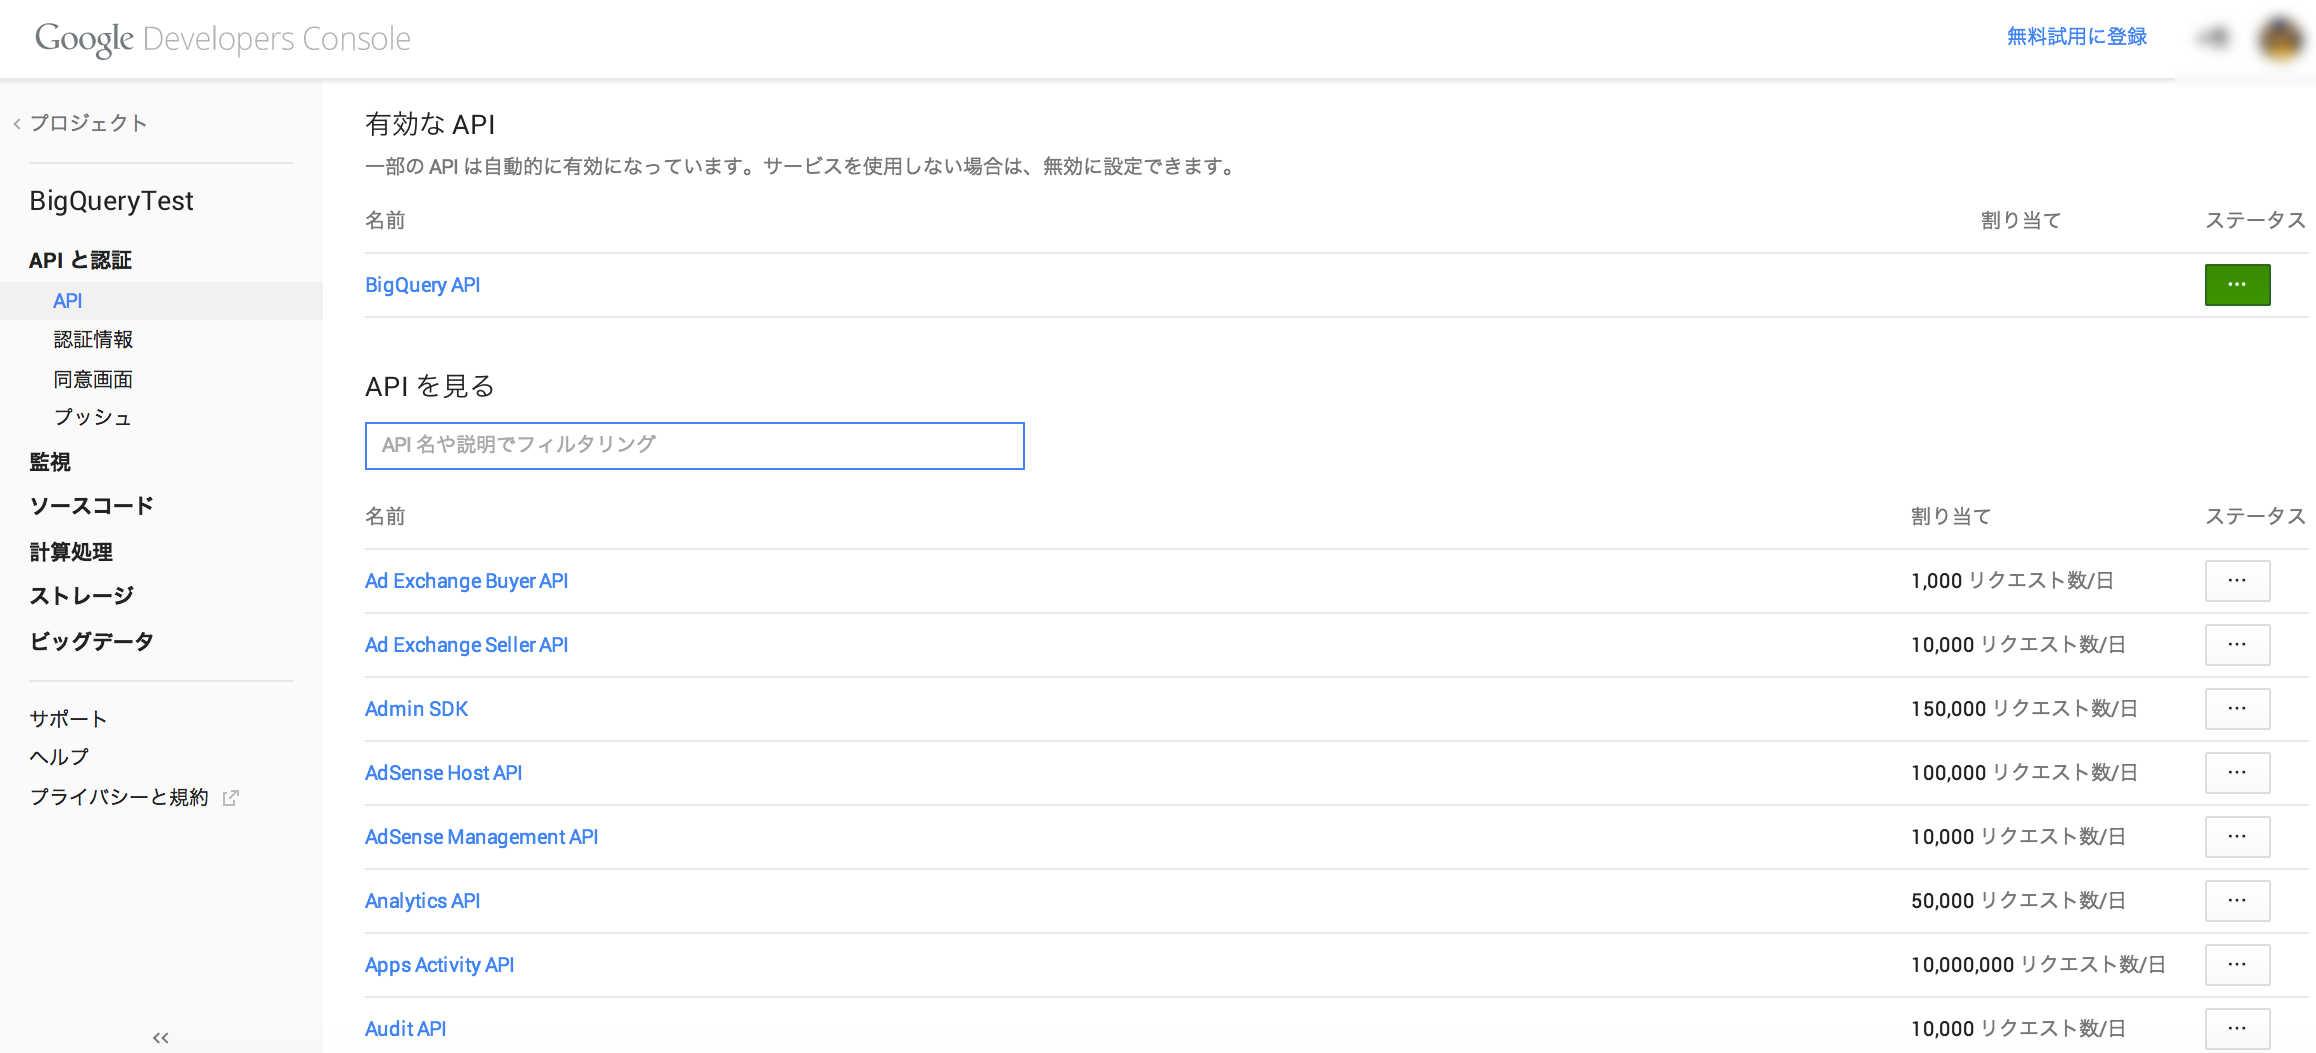 spreadsheet_004.jpg